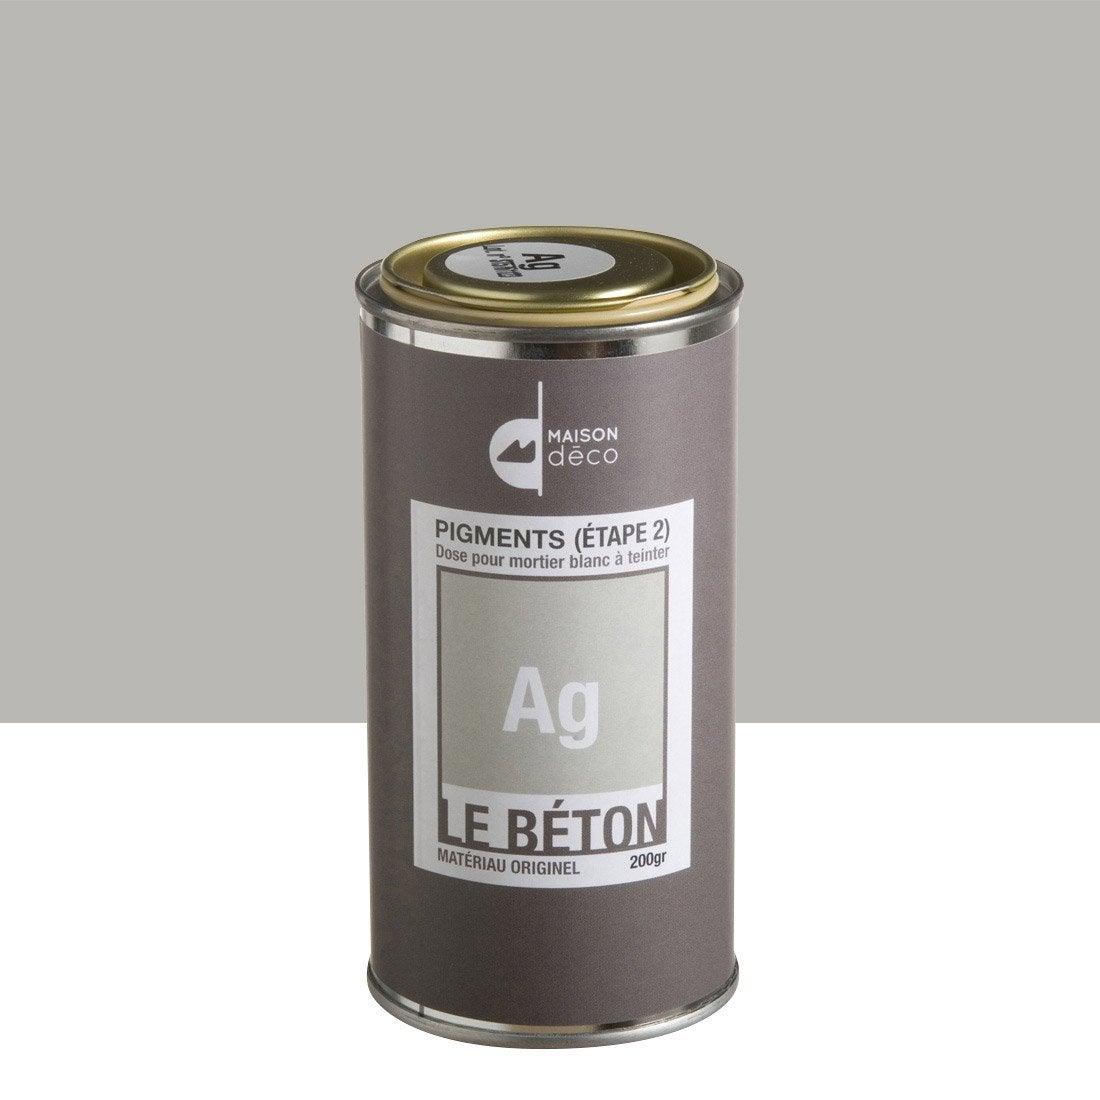 Peinture effet pigment le b ton maison deco ag 0 2 kg - Peinture beton exterieur leroy merlin ...